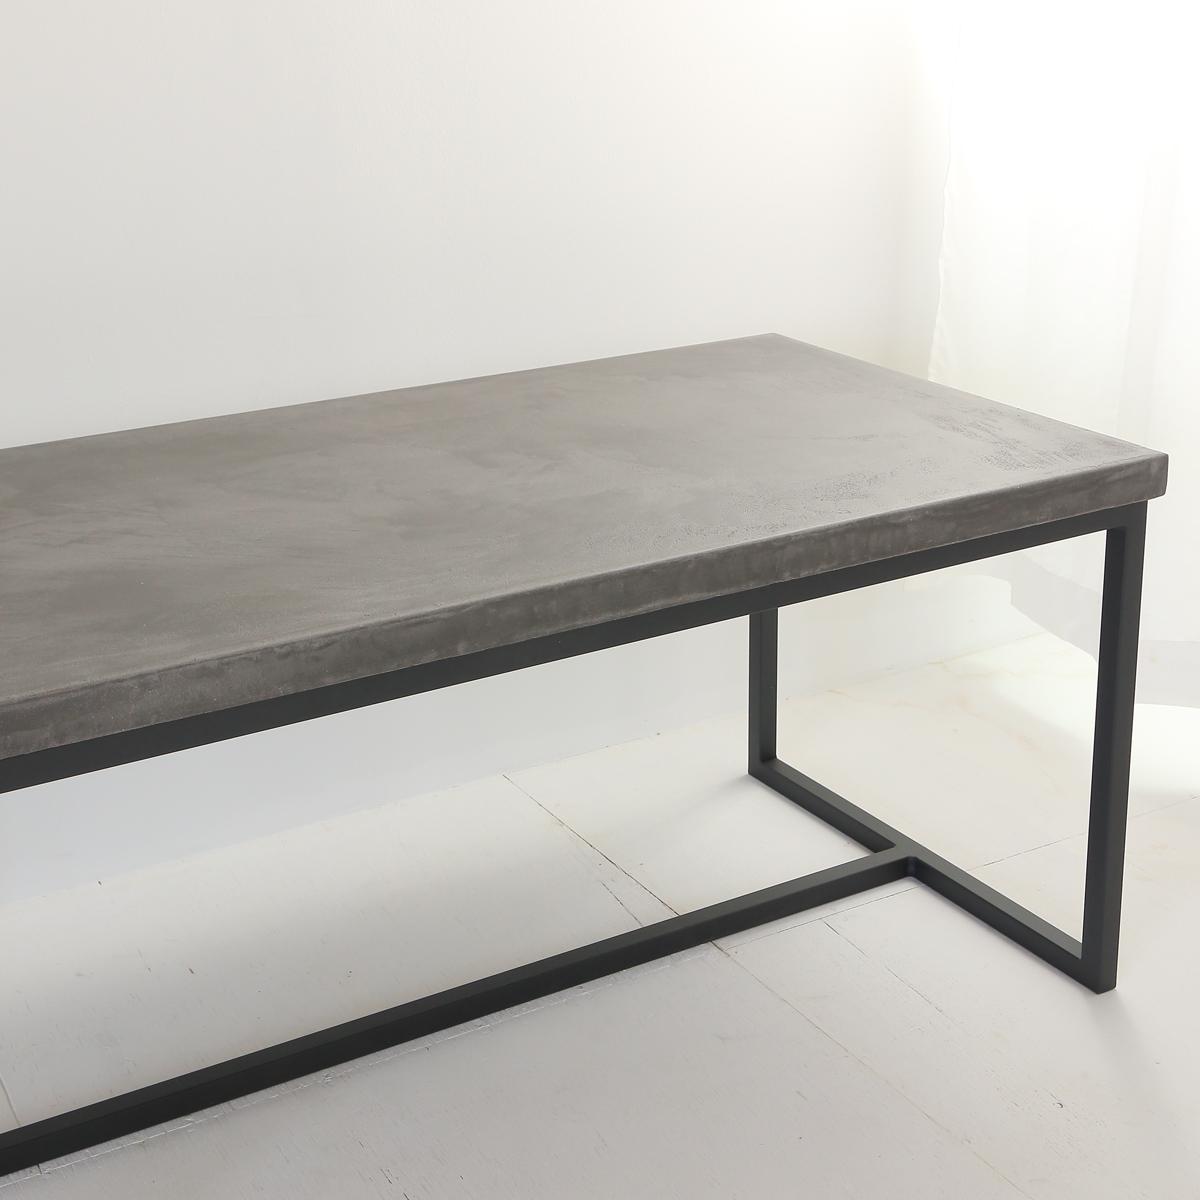 センターテーブル ベンチにも使えるモールテックス家具